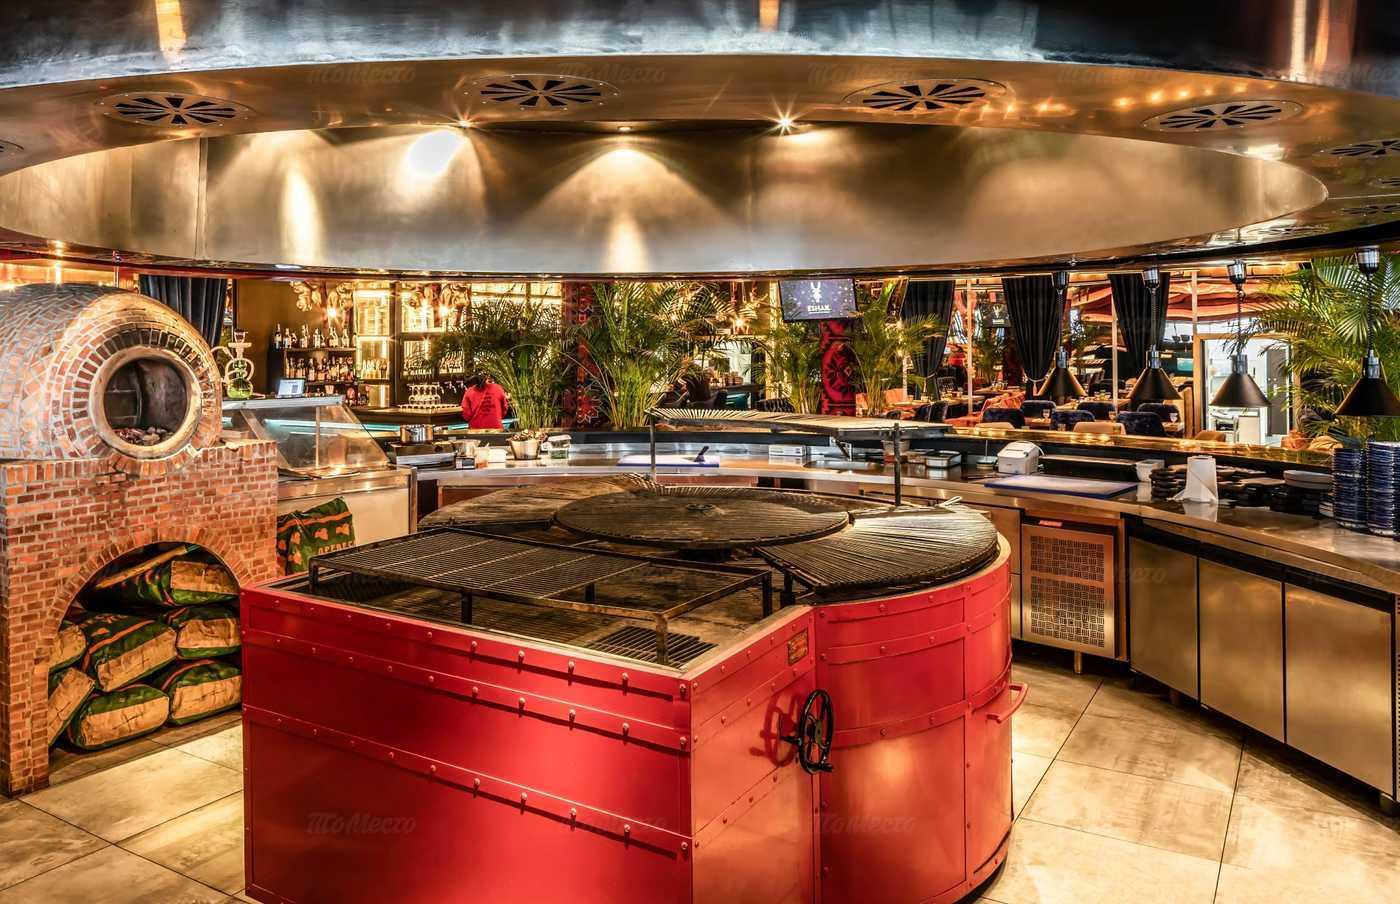 Ресторан Ишак (Eshak) на Новом Арбате  фото 4